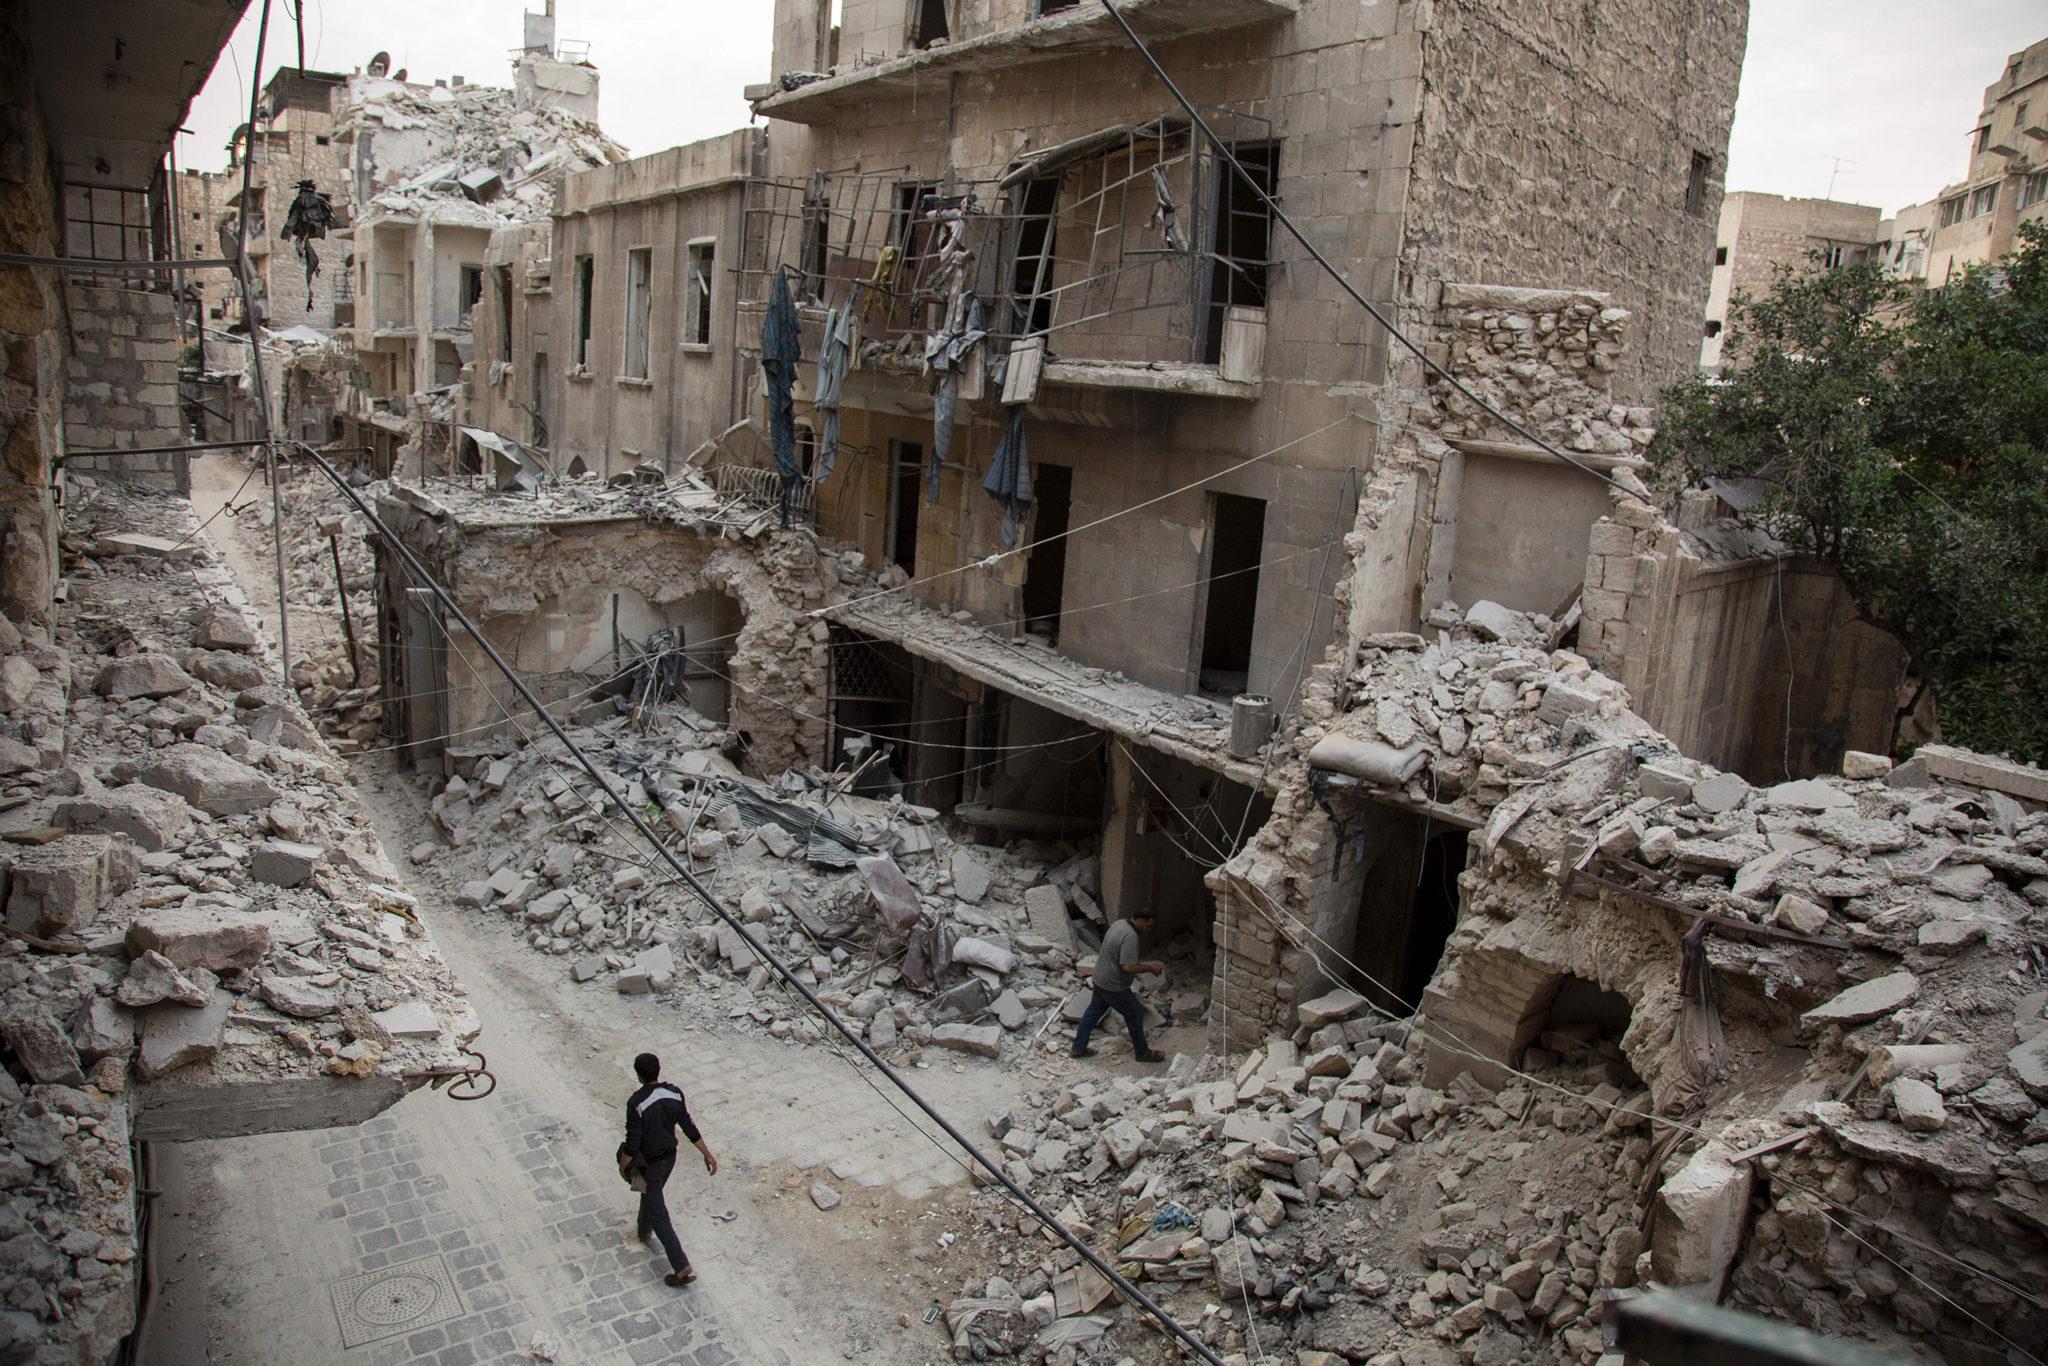 Aleppo, Syria | EconAlerts